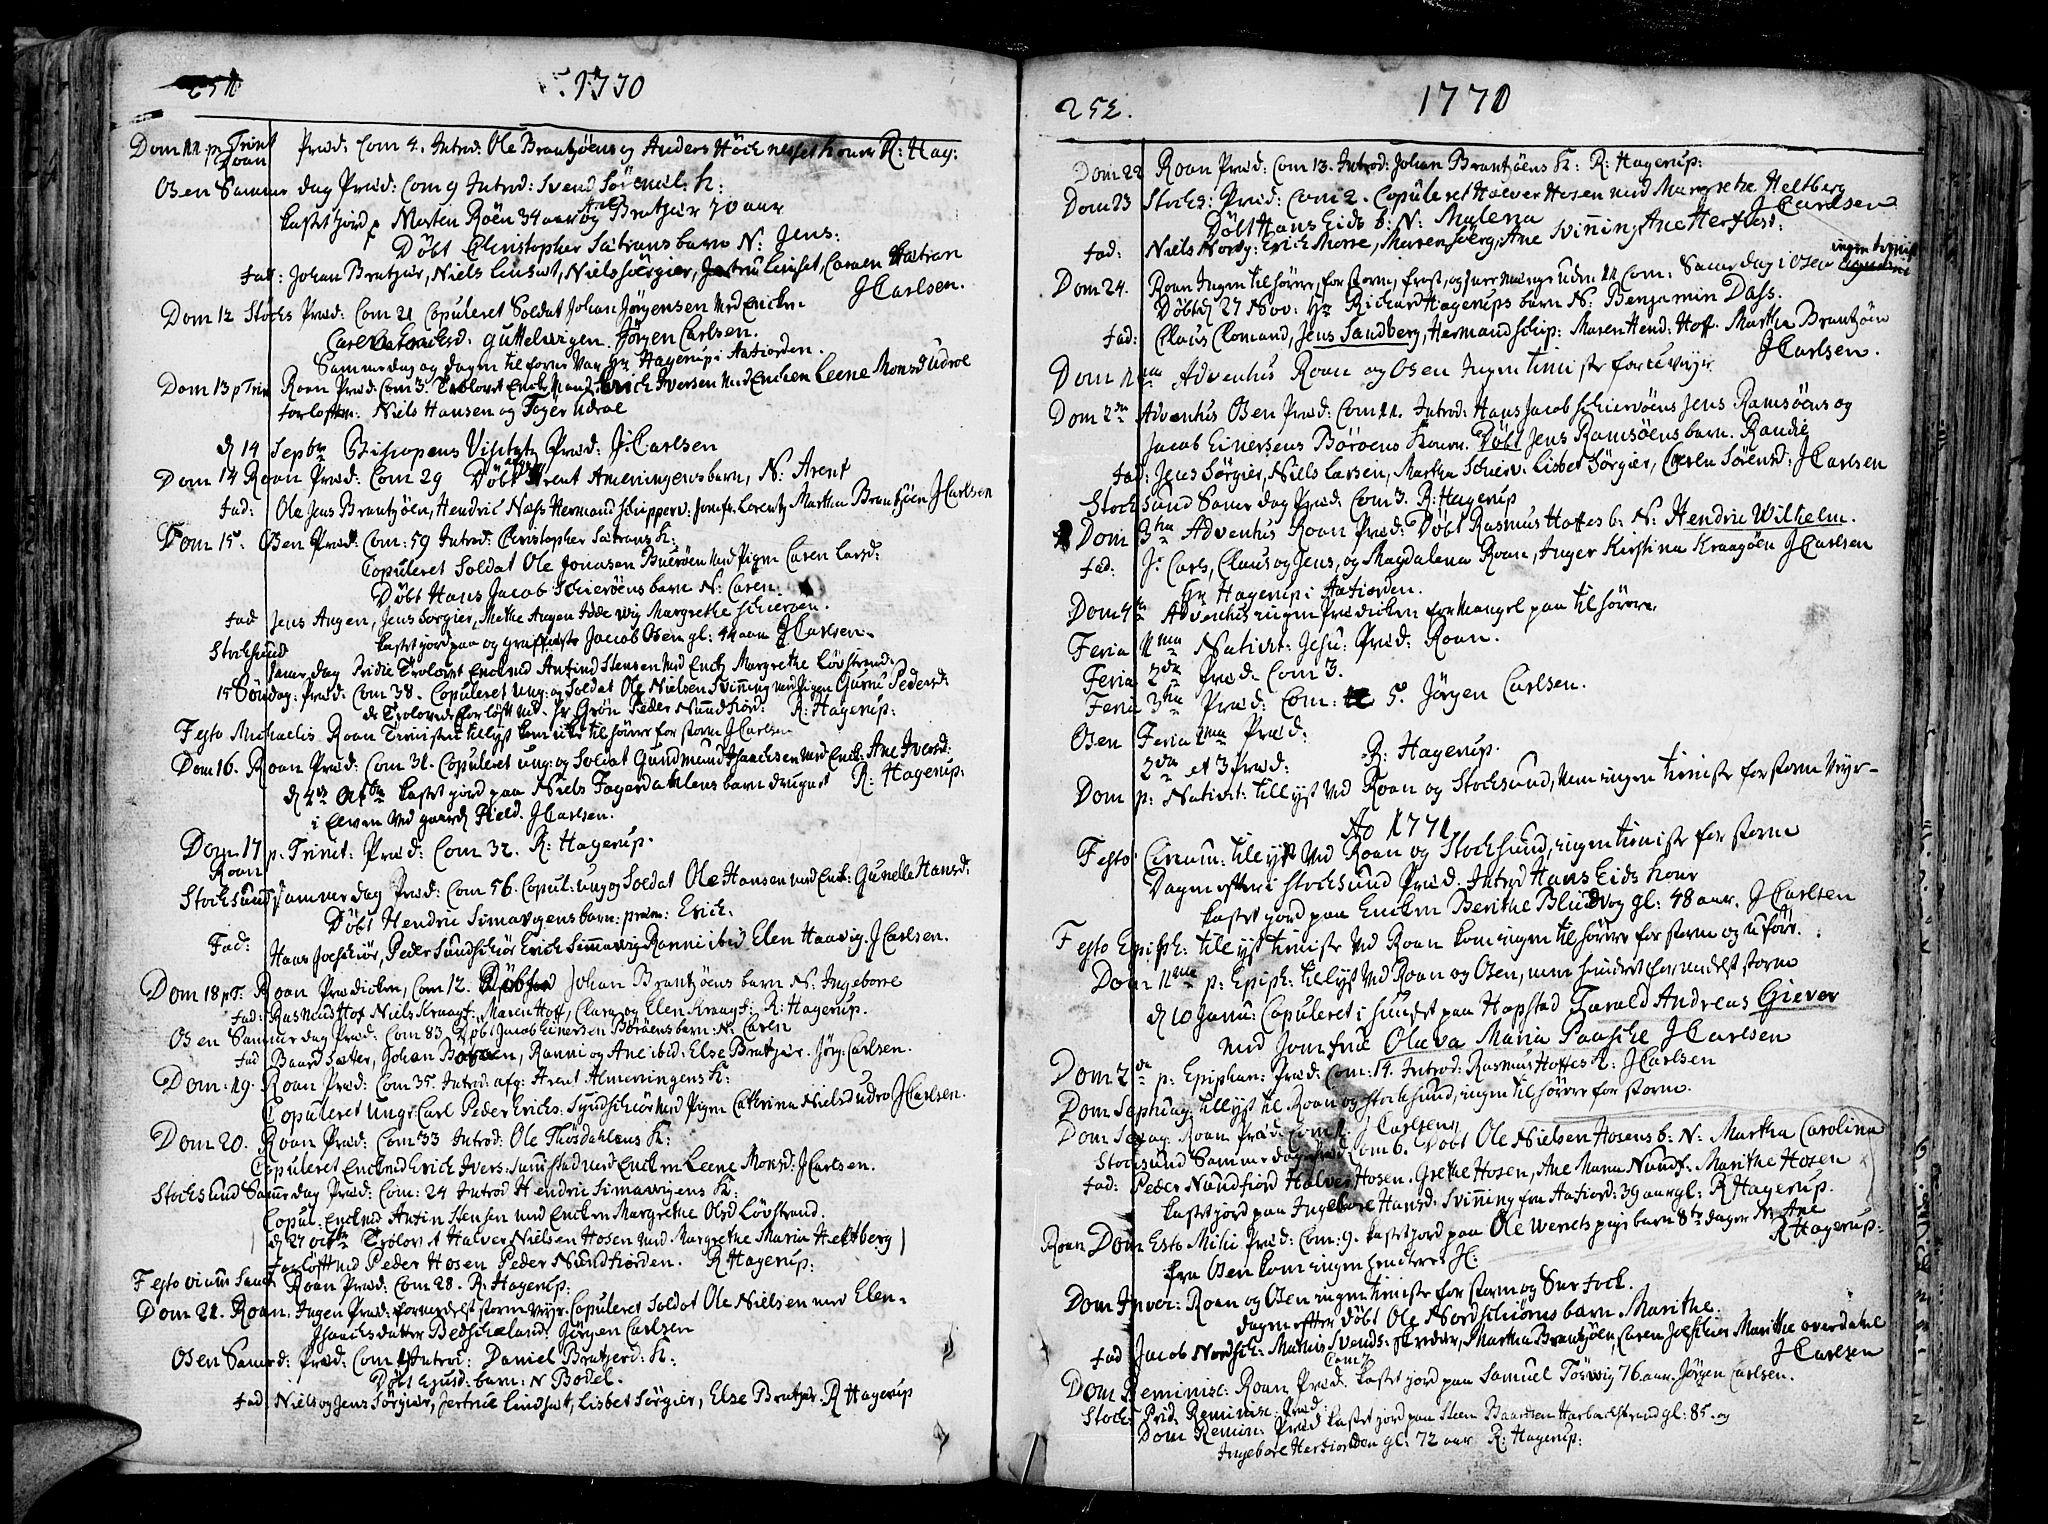 SAT, Ministerialprotokoller, klokkerbøker og fødselsregistre - Sør-Trøndelag, 657/L0700: Ministerialbok nr. 657A01, 1732-1801, s. 251-252